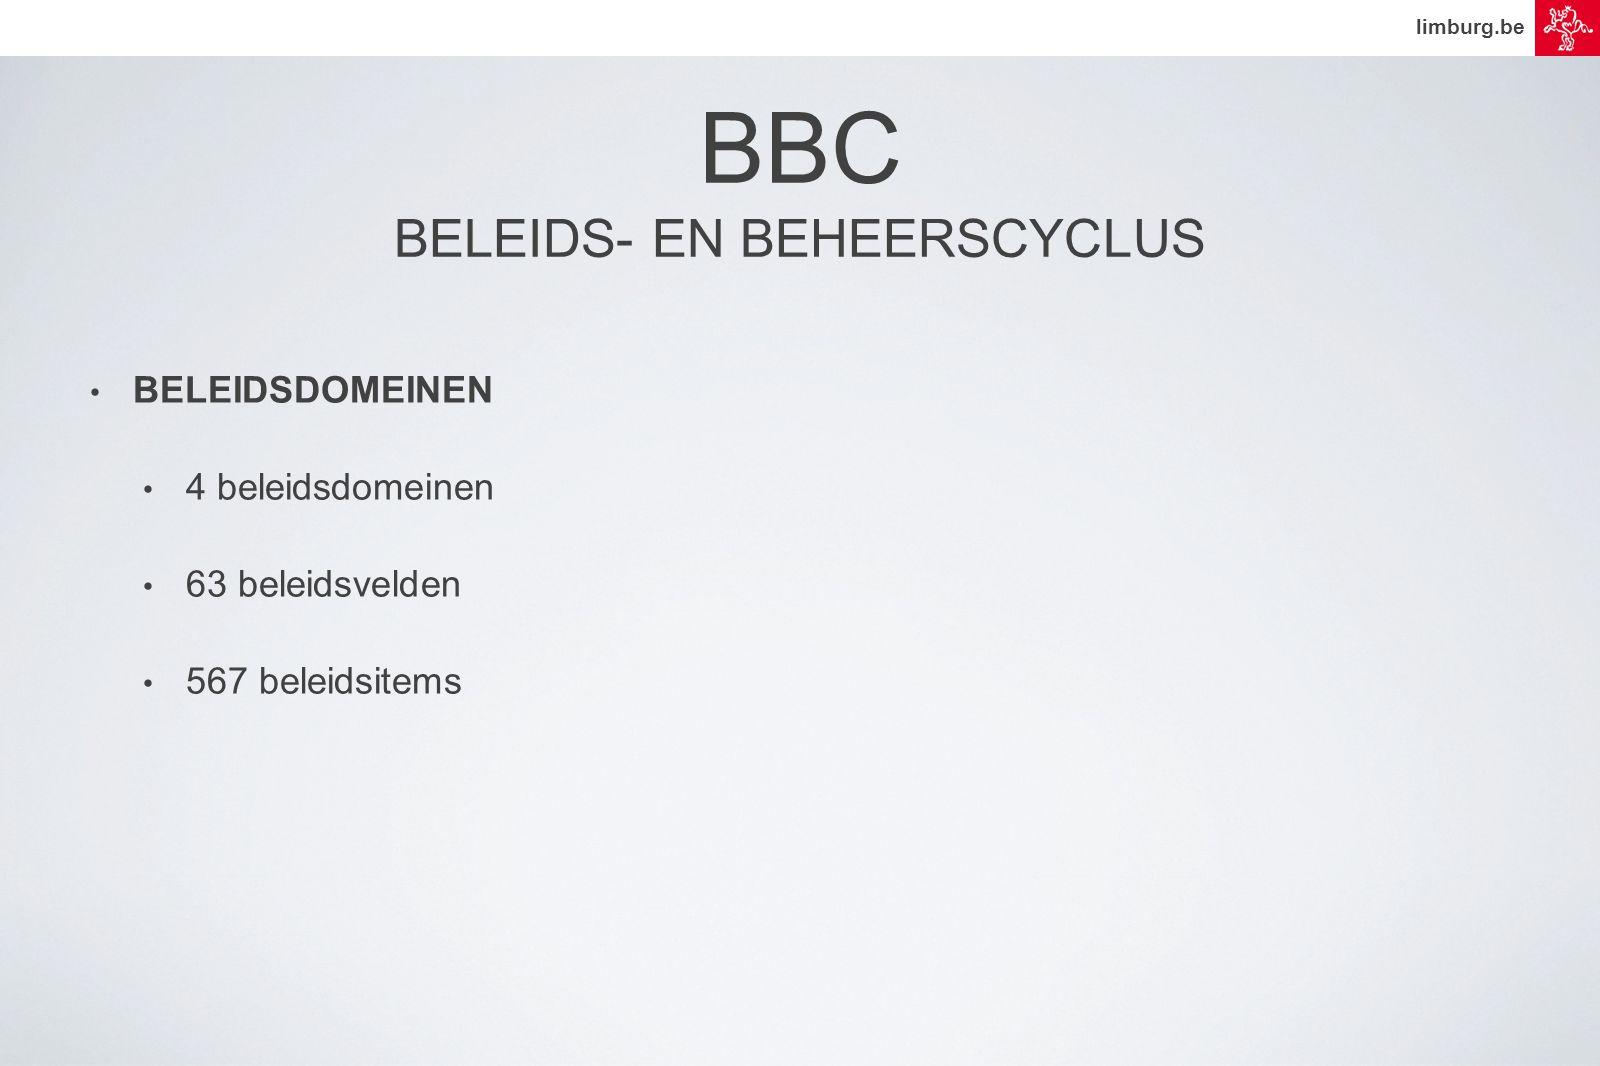 limburg.be BBC BELEIDS- EN BEHEERSCYCLUS • BELEIDSDOMEINEN • 4 beleidsdomeinen • 63 beleidsvelden • 567 beleidsitems